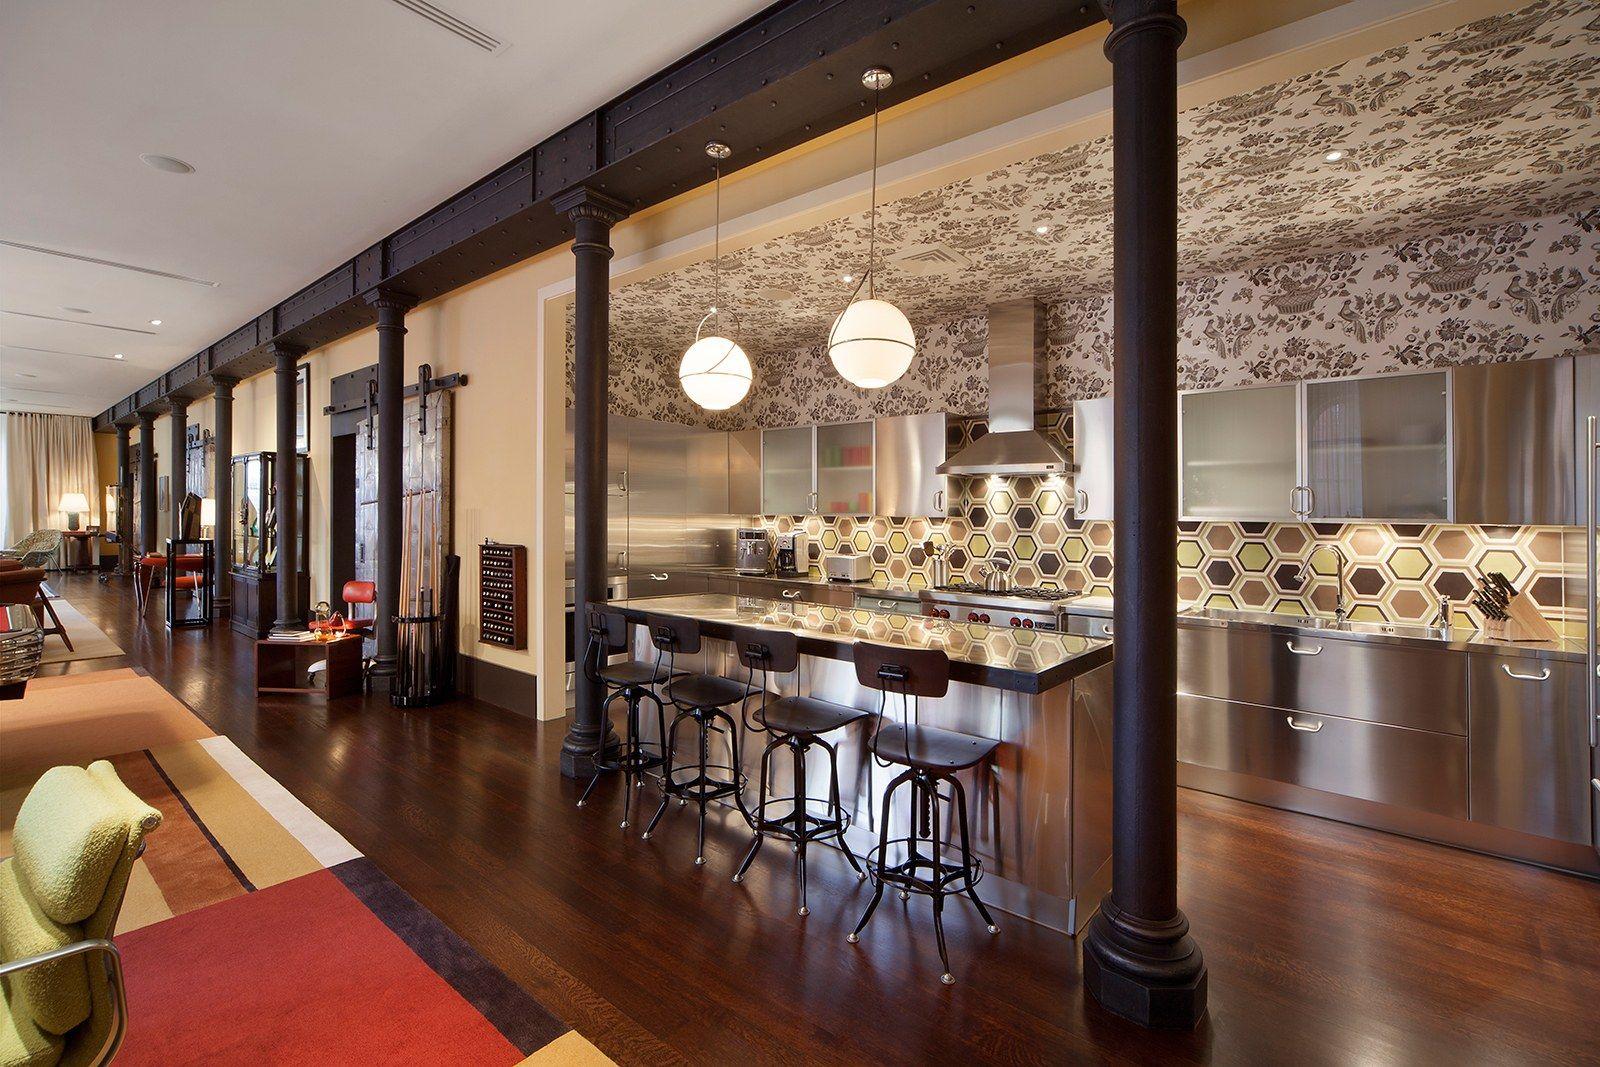 Excelente Cocina De Diseño De Nueva York Friso - Como Decorar la ...